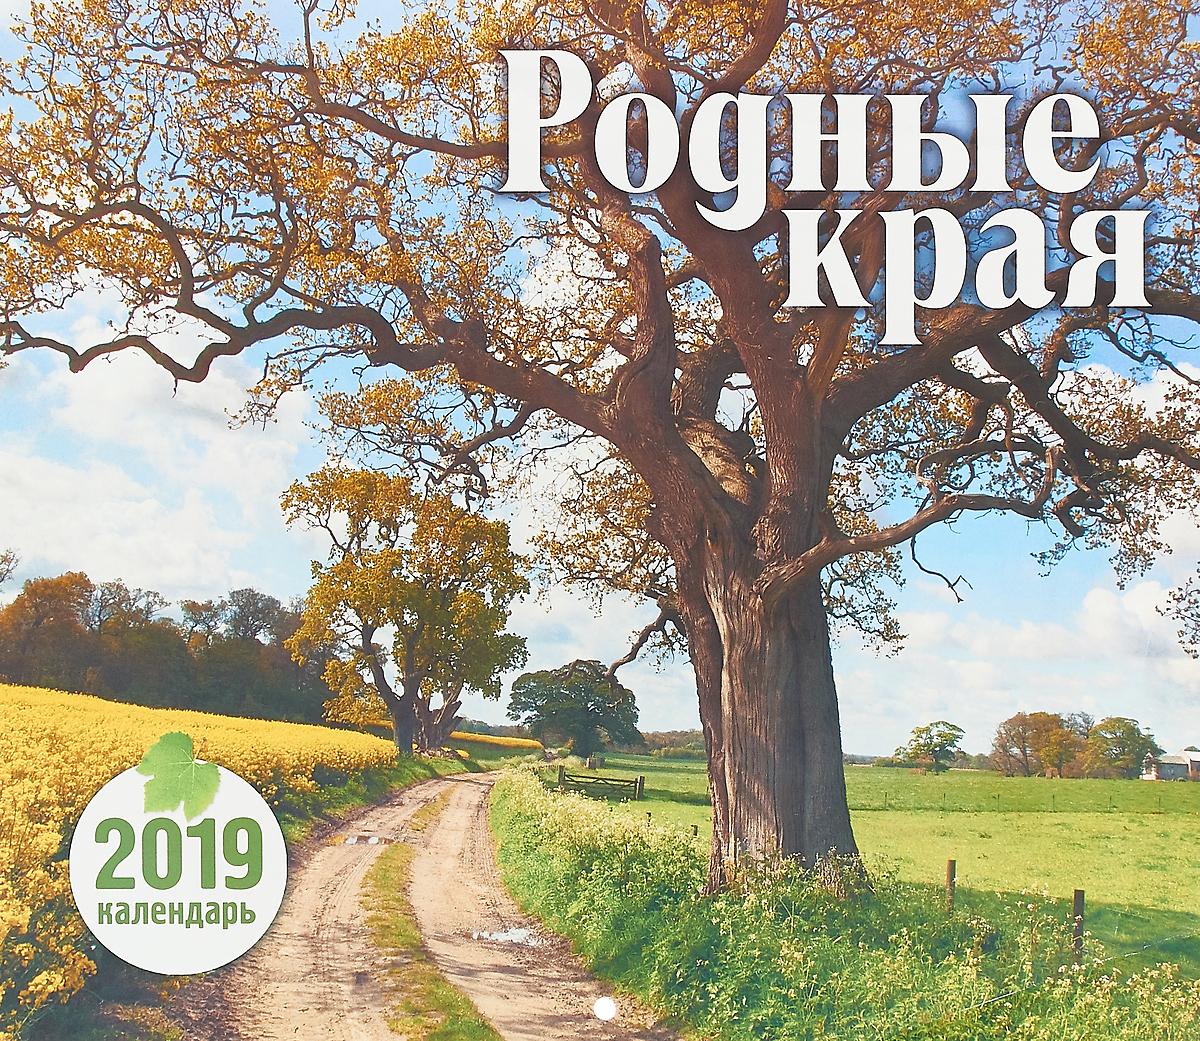 Календарь перекидной на 2019 год. Родные края календарь перекидной на 2019 год кошачье счастье